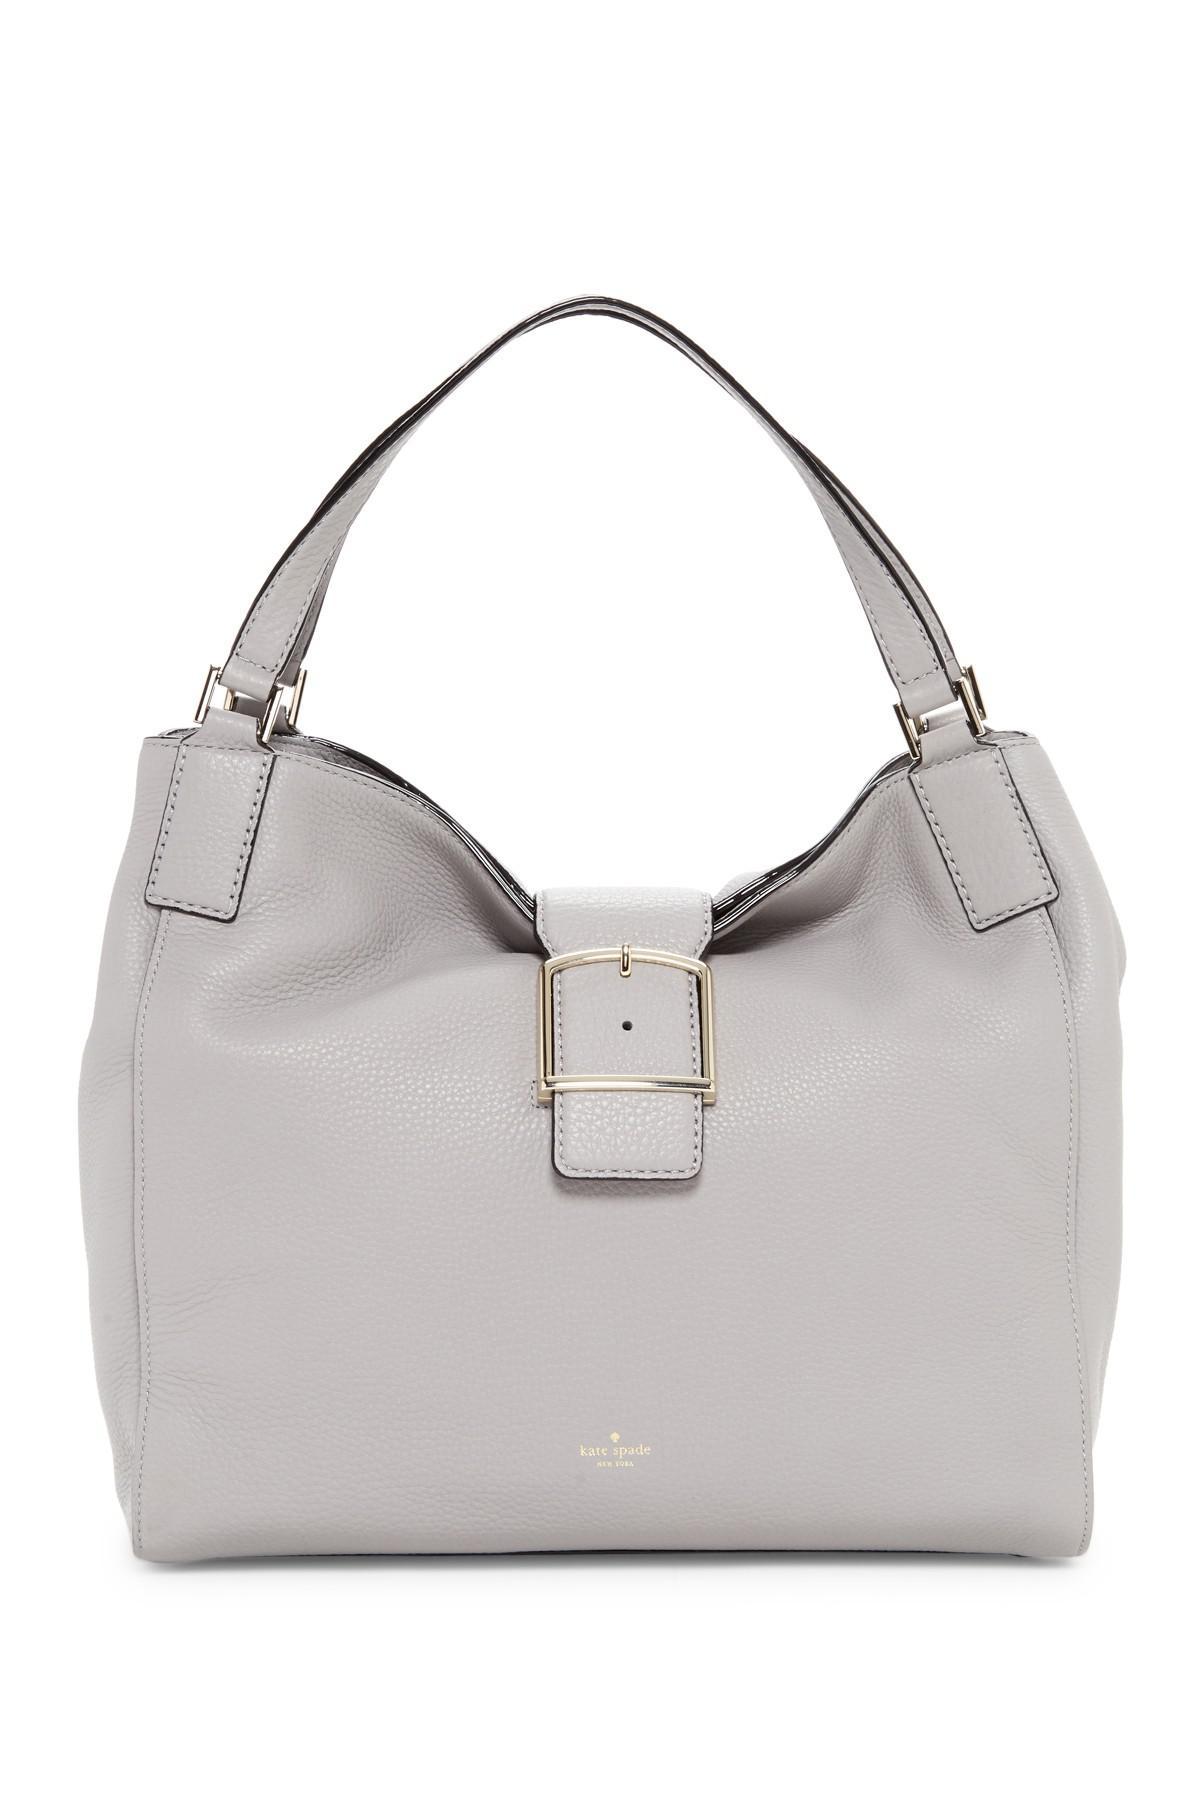 52504597f7b12 Lyst - Kate Spade Jayne Leather Shoulder Bag